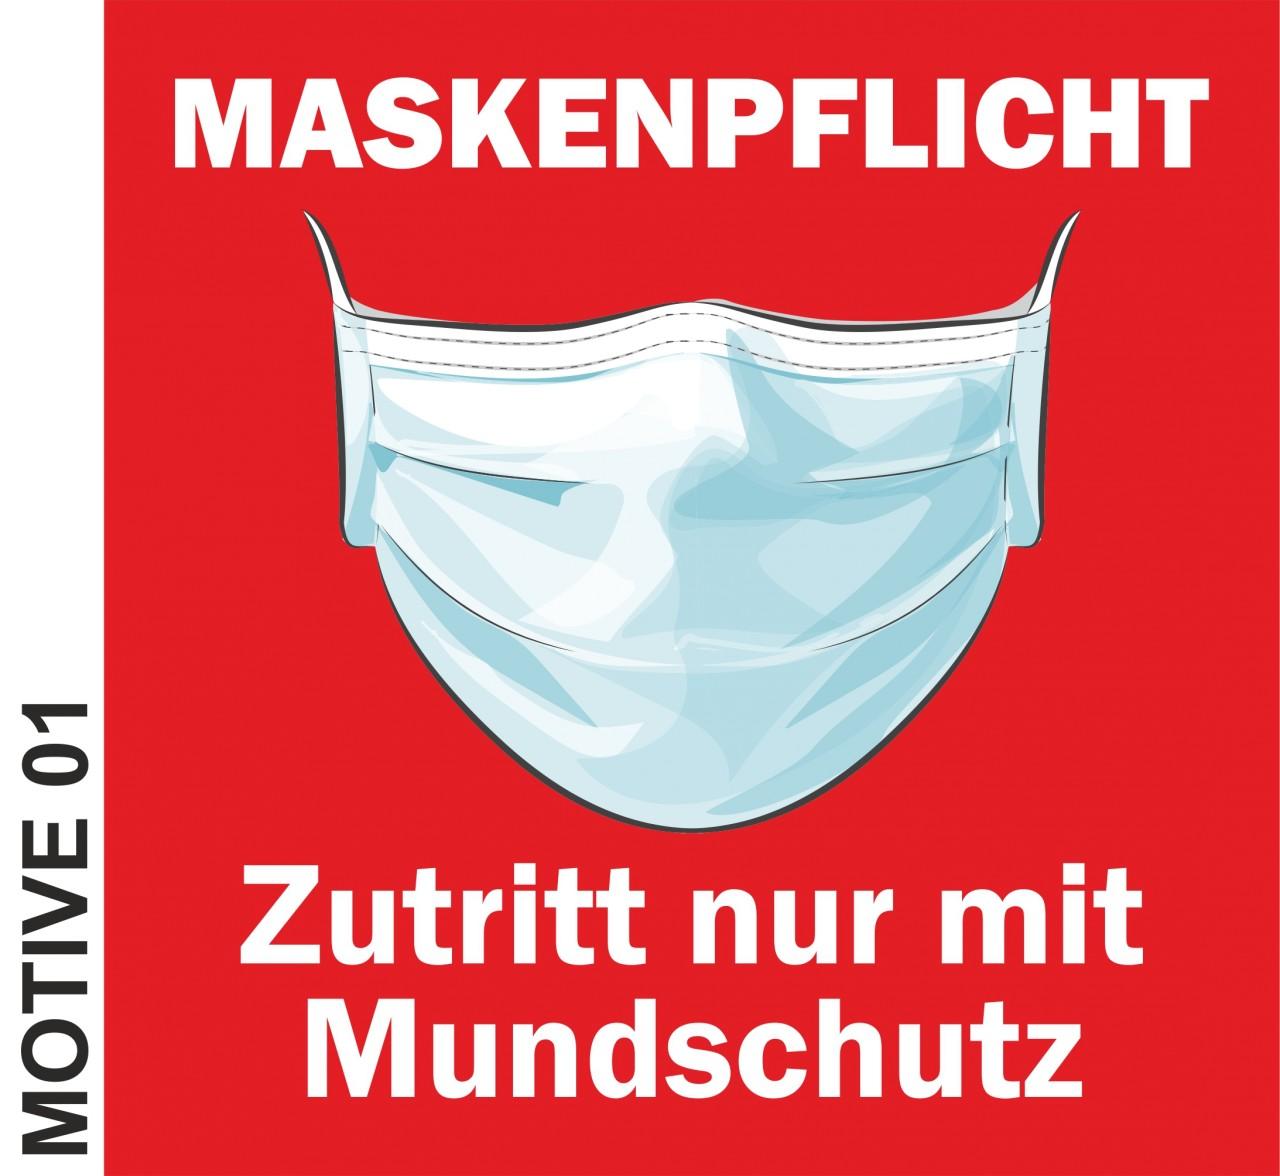 Maskenpflicht - Aufkleber 17x17 cm